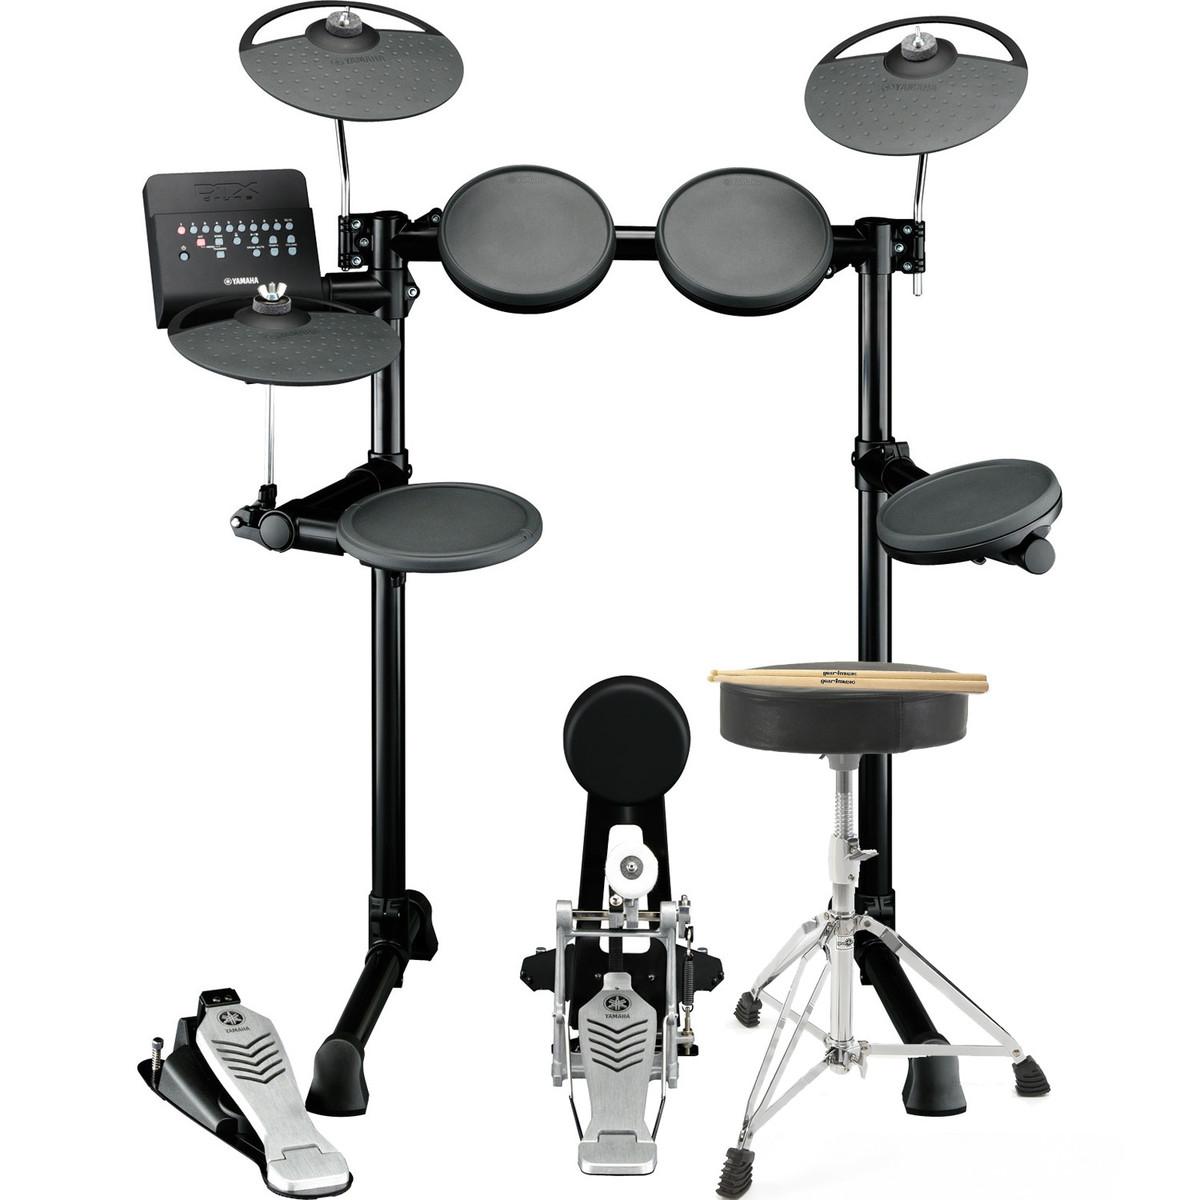 Yamaha dtx450k electronic drum kit with stool and sticks for Yamaha dtx450k 5 piece electronic drum kit